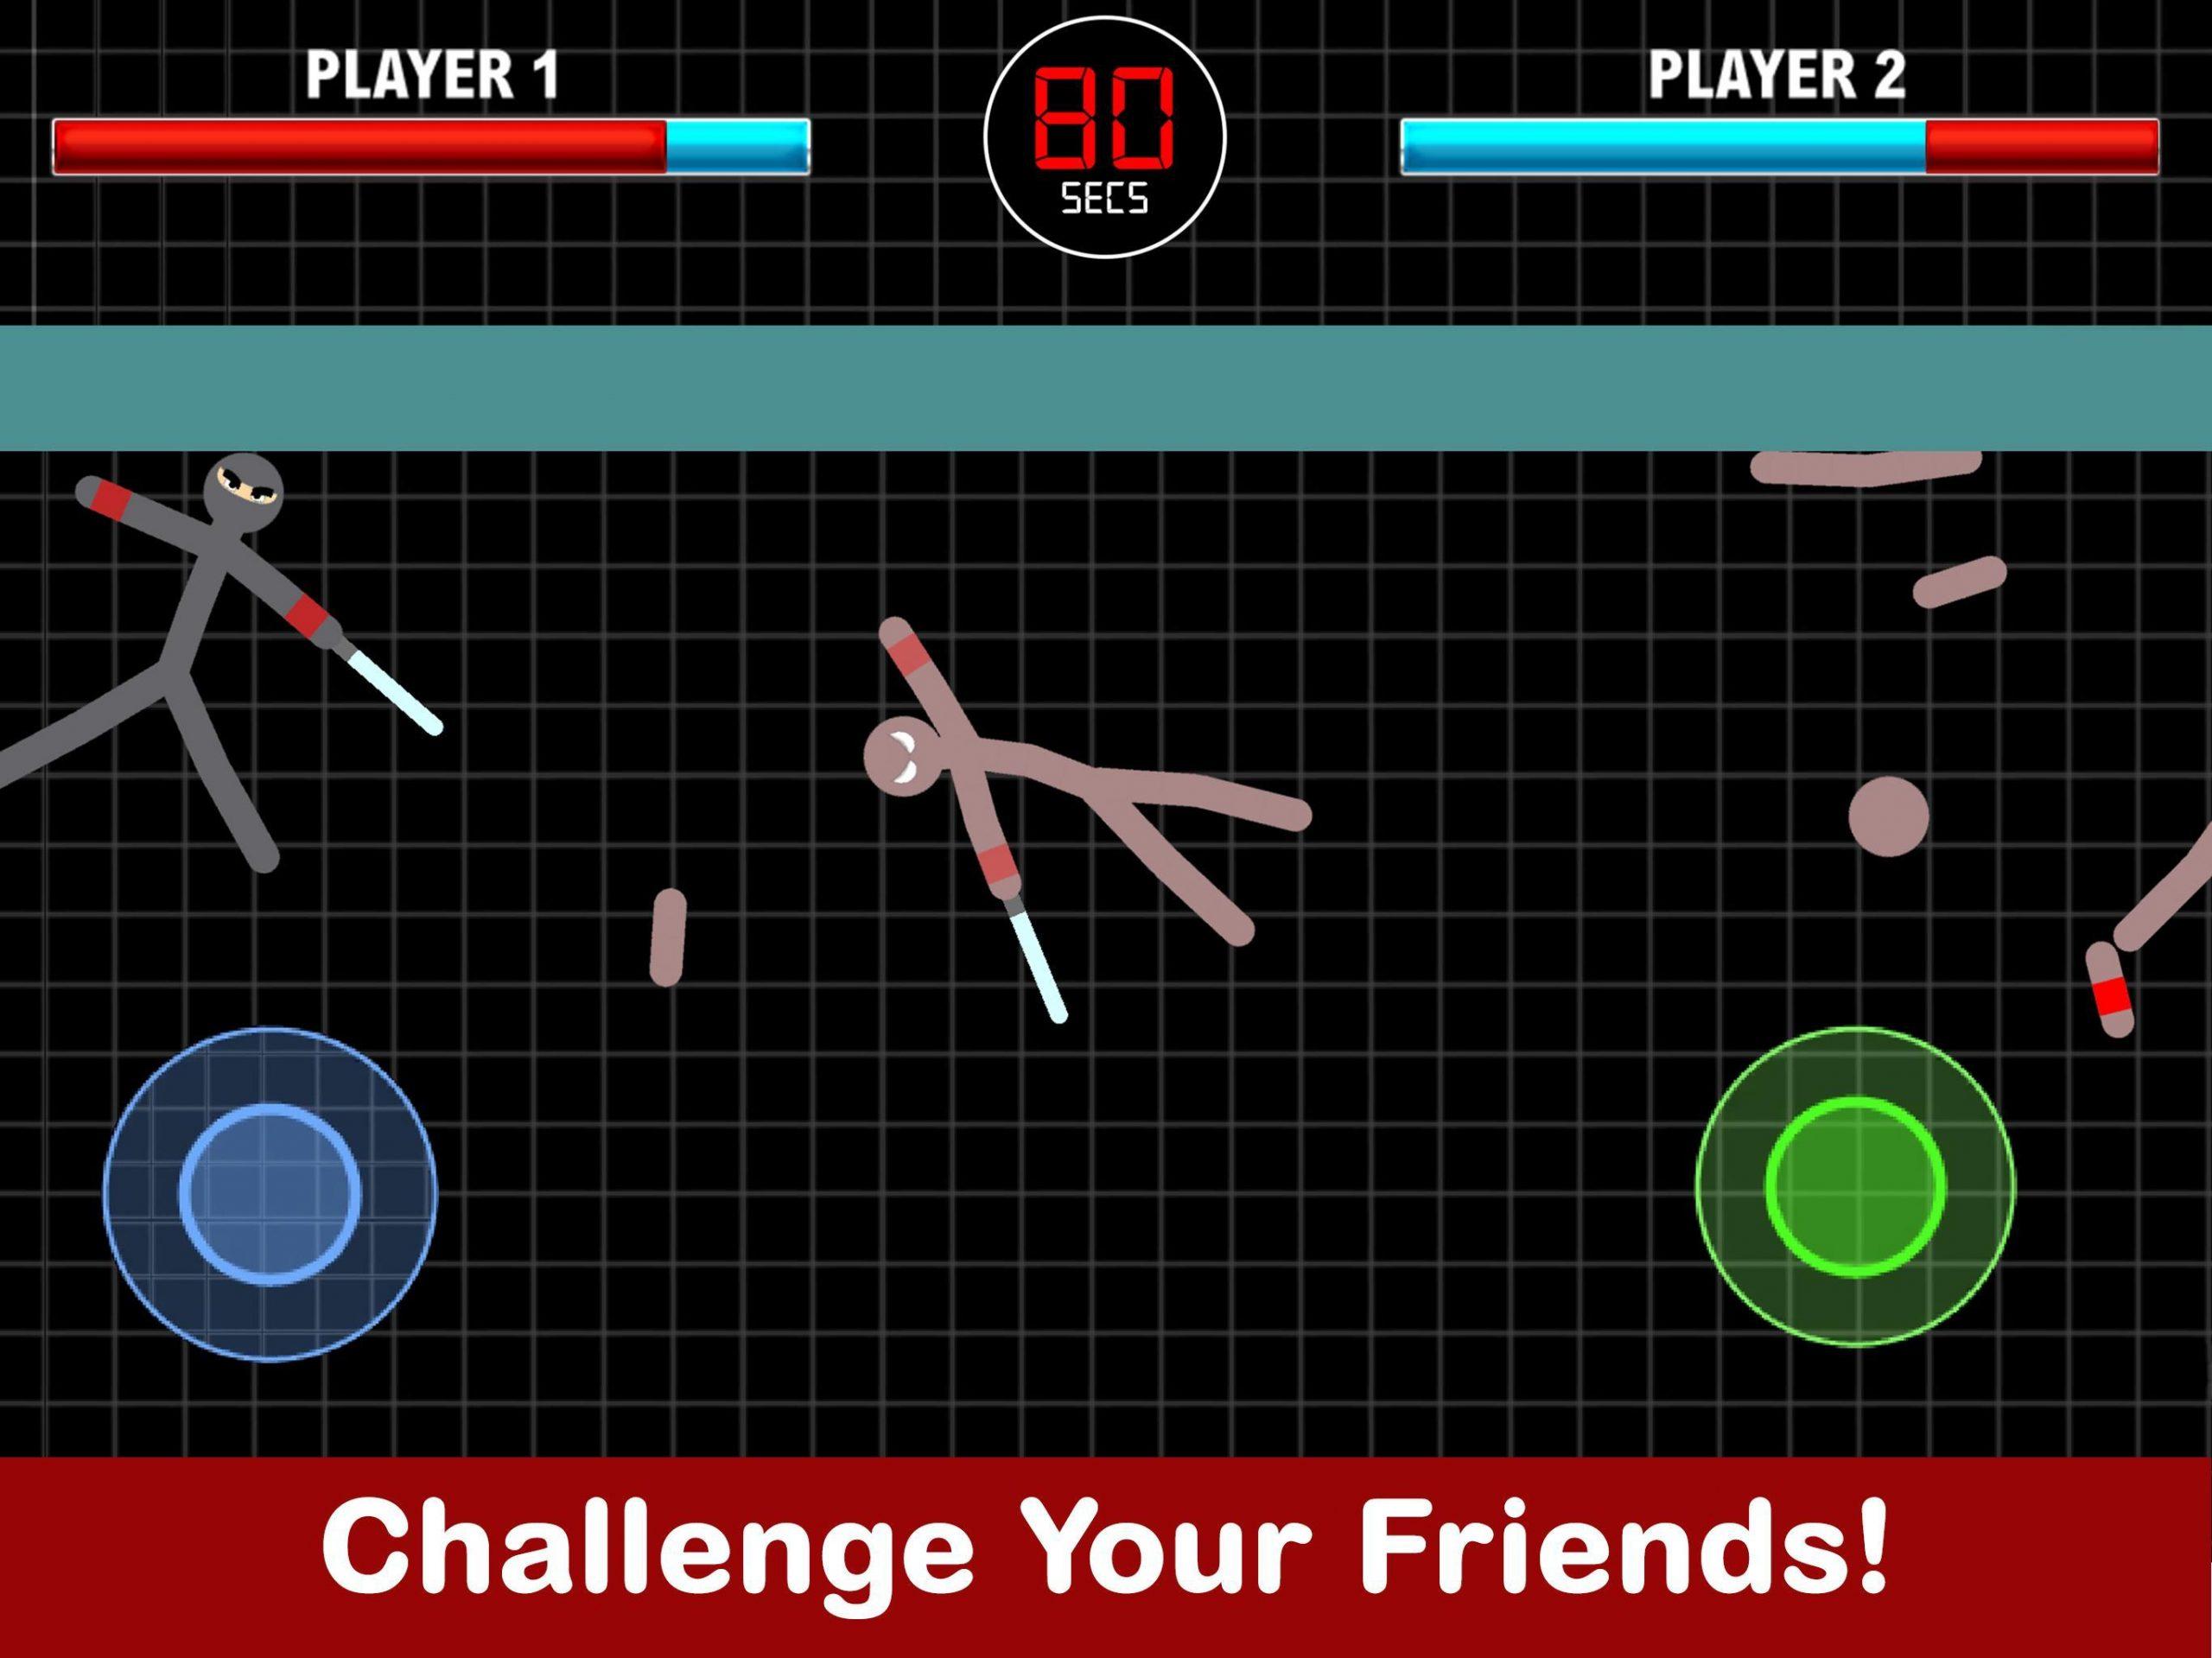 Stickman Fight 2 Player Jeux Pour Android - Téléchargez L'apk à Jeux De Secs